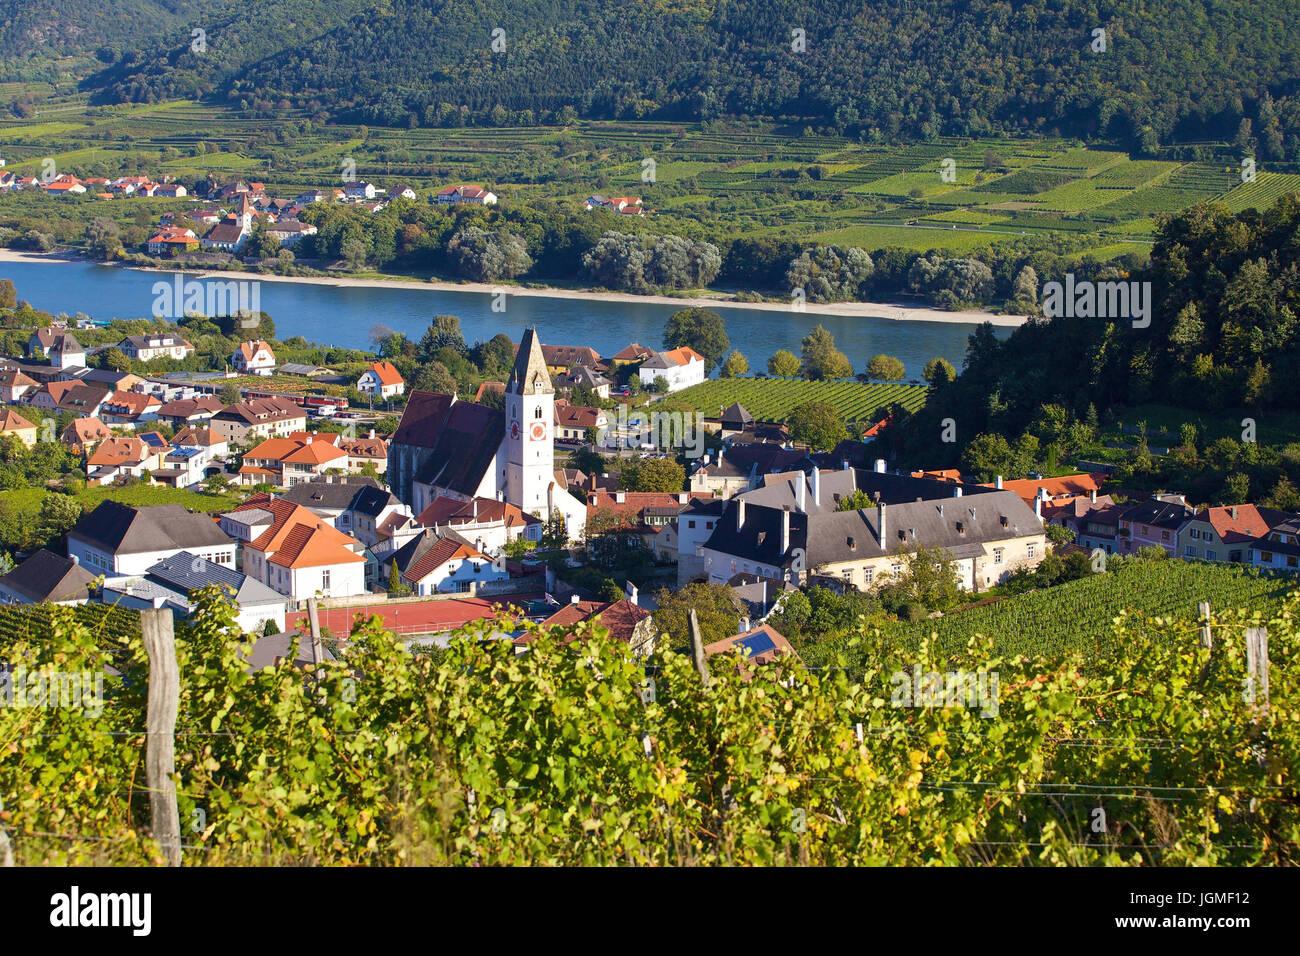 Spitz / the Danube, O ? ss ? sterreich, Niedero ? ss ? sterreich, Wachau - Village of spitz / the Danube, Austria, Lower Austria, Wachau region, Spitz Stock Photo